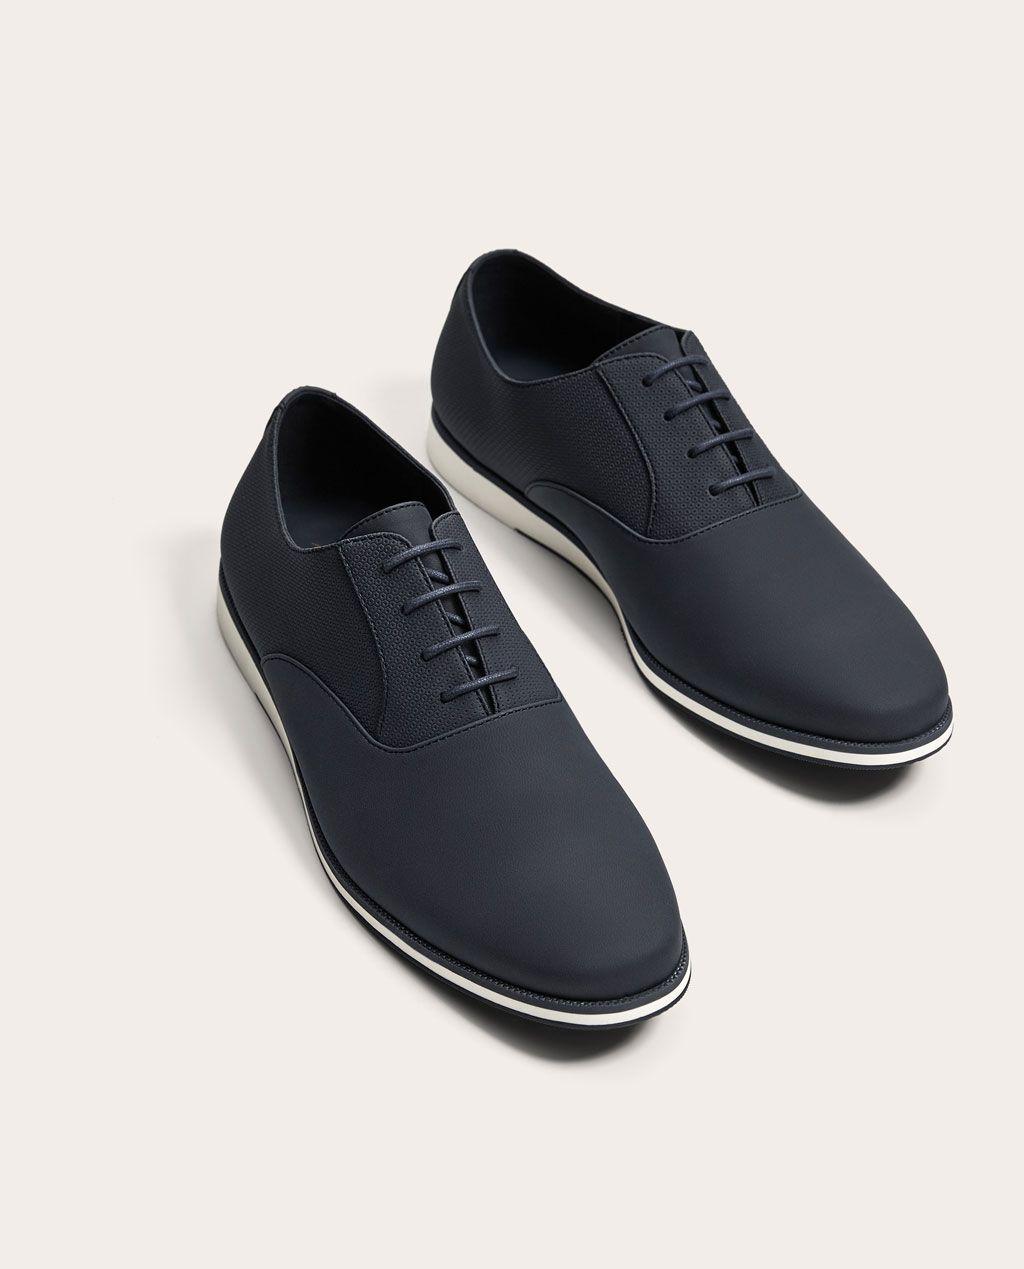 Men's Shoes | Men's Dress Shoes & Casual Shoes | DSW Canada